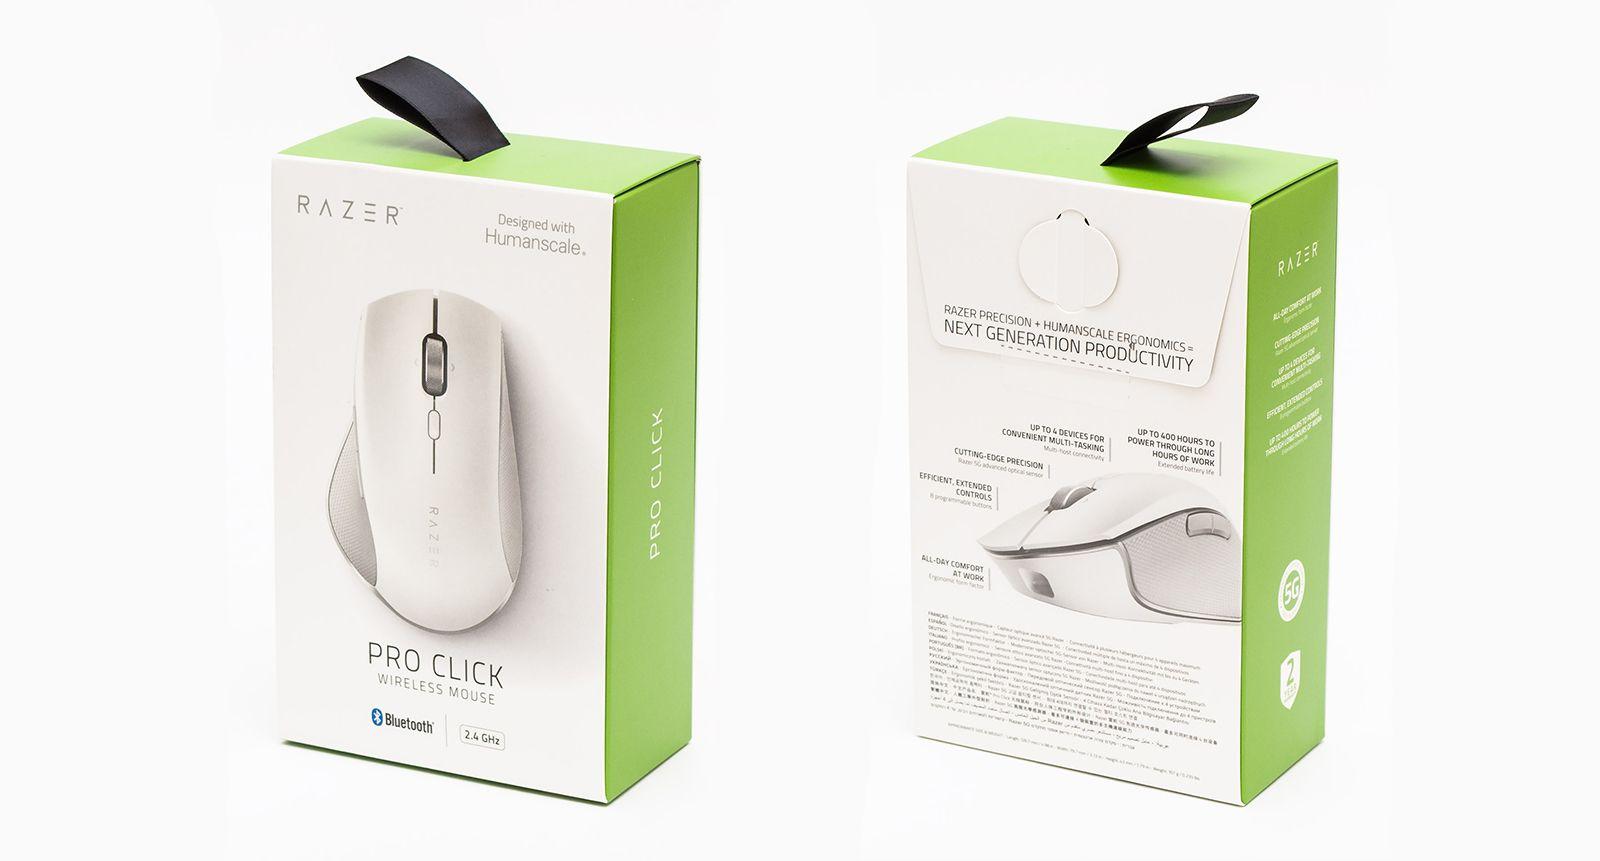 Мышка Razer Pro Click. Фото 24